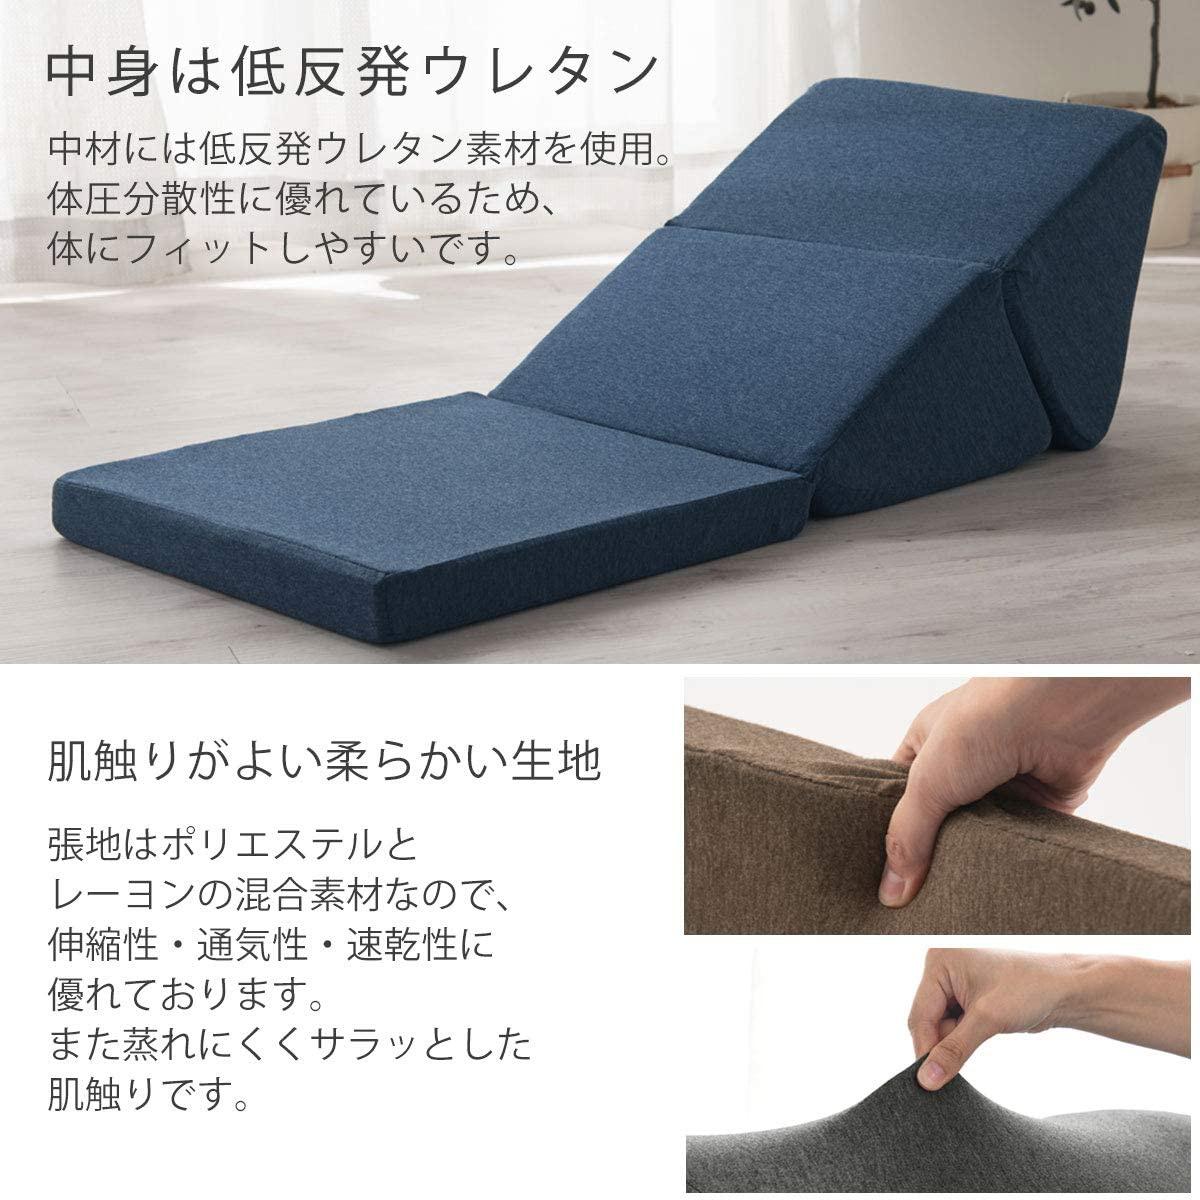 ぼん家具 ごろ寝クッションの商品画像5